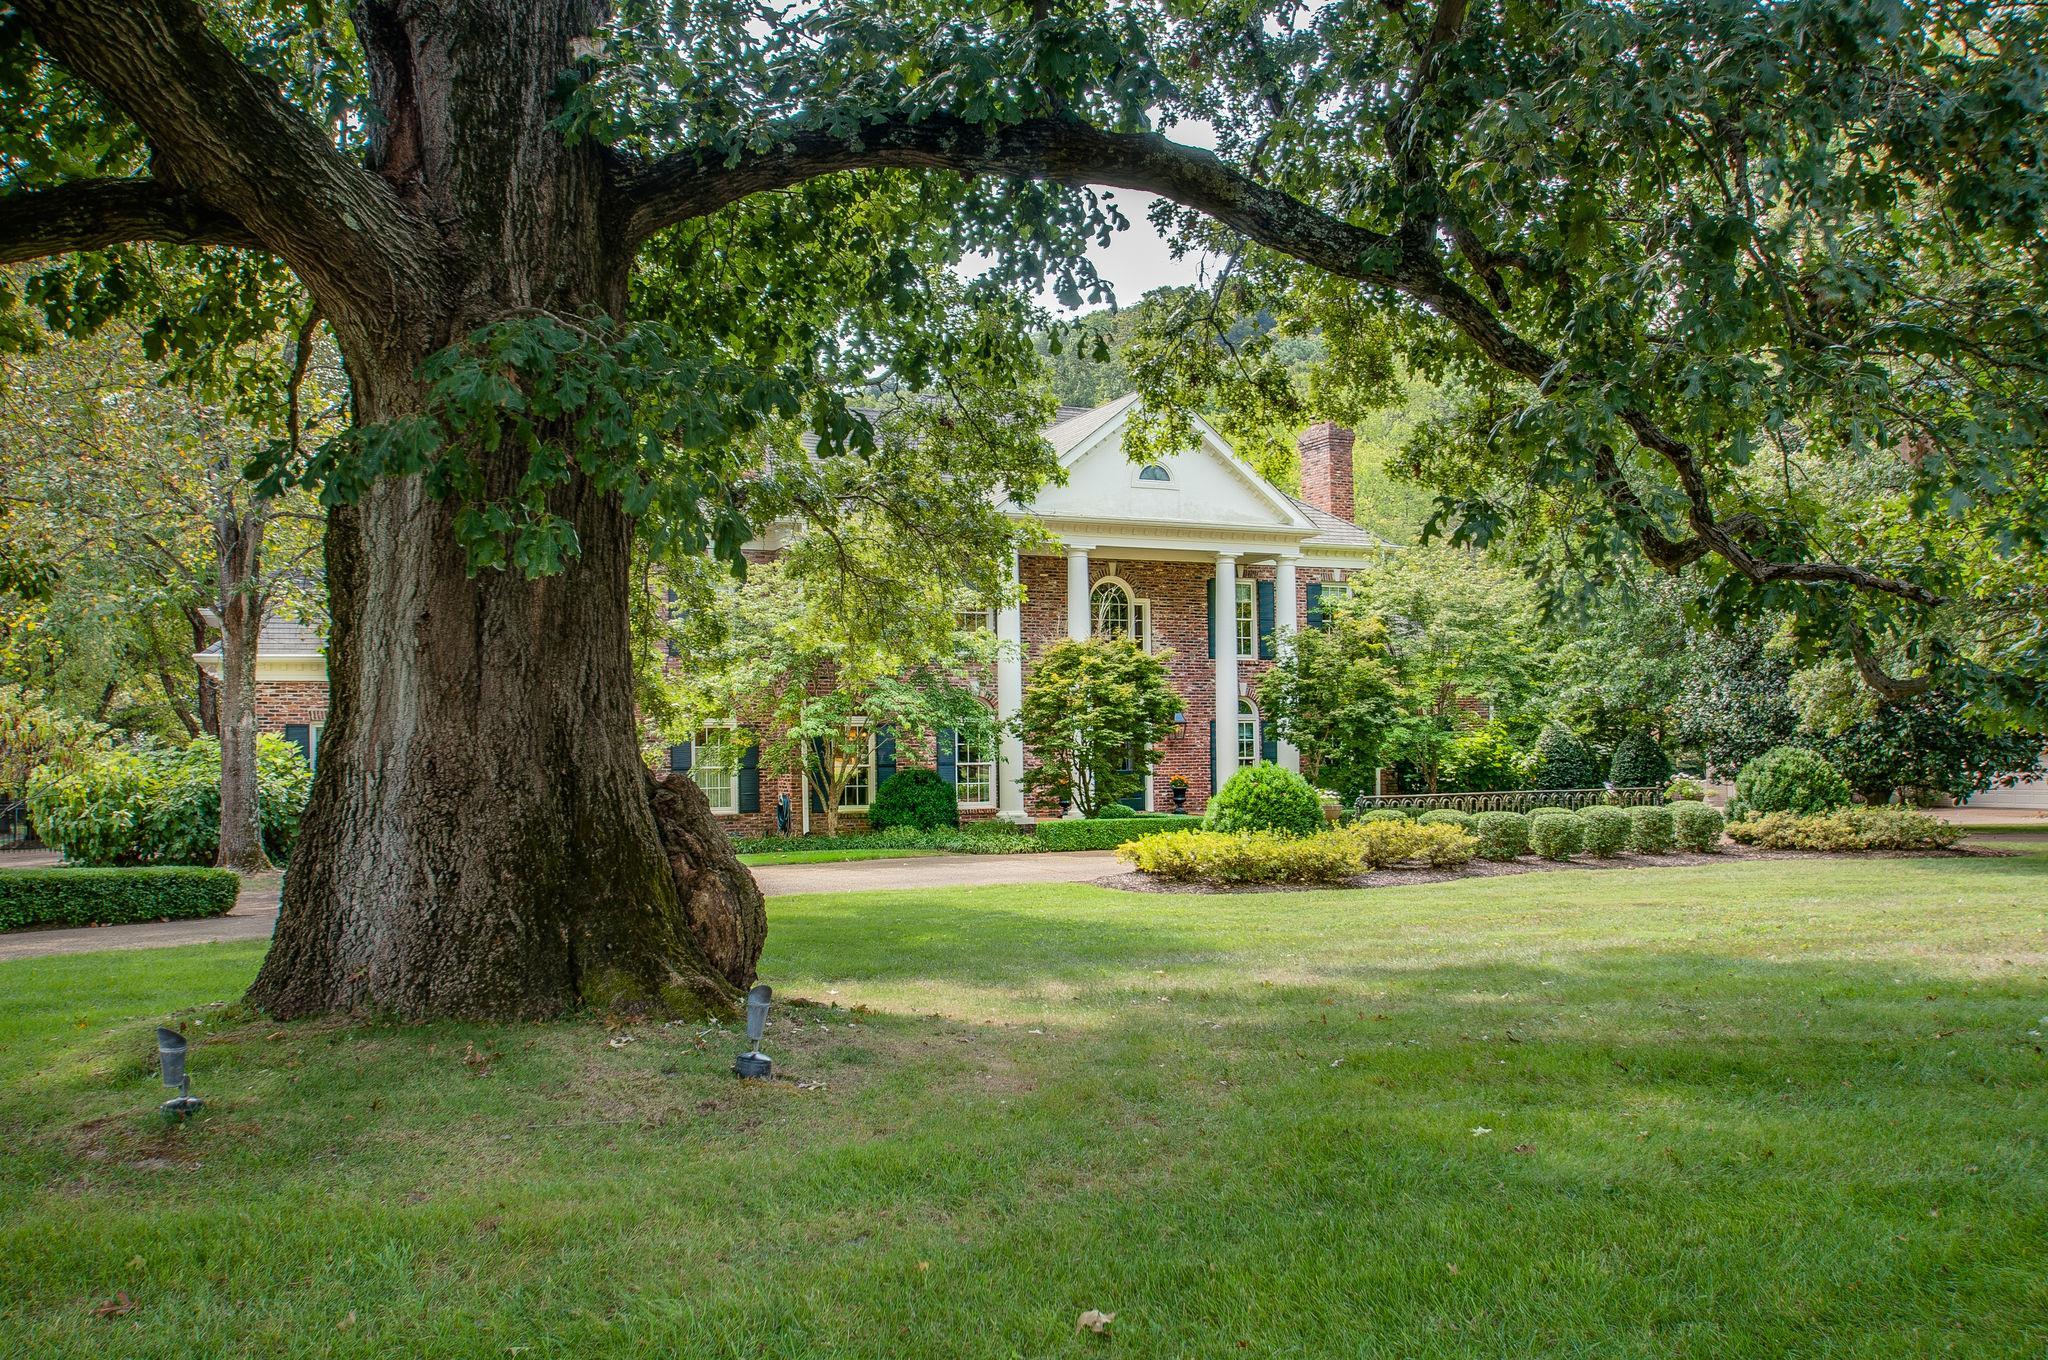 5325 Cherry Blossom Trl, Nashville, TN 37215 - Nashville, TN real estate listing